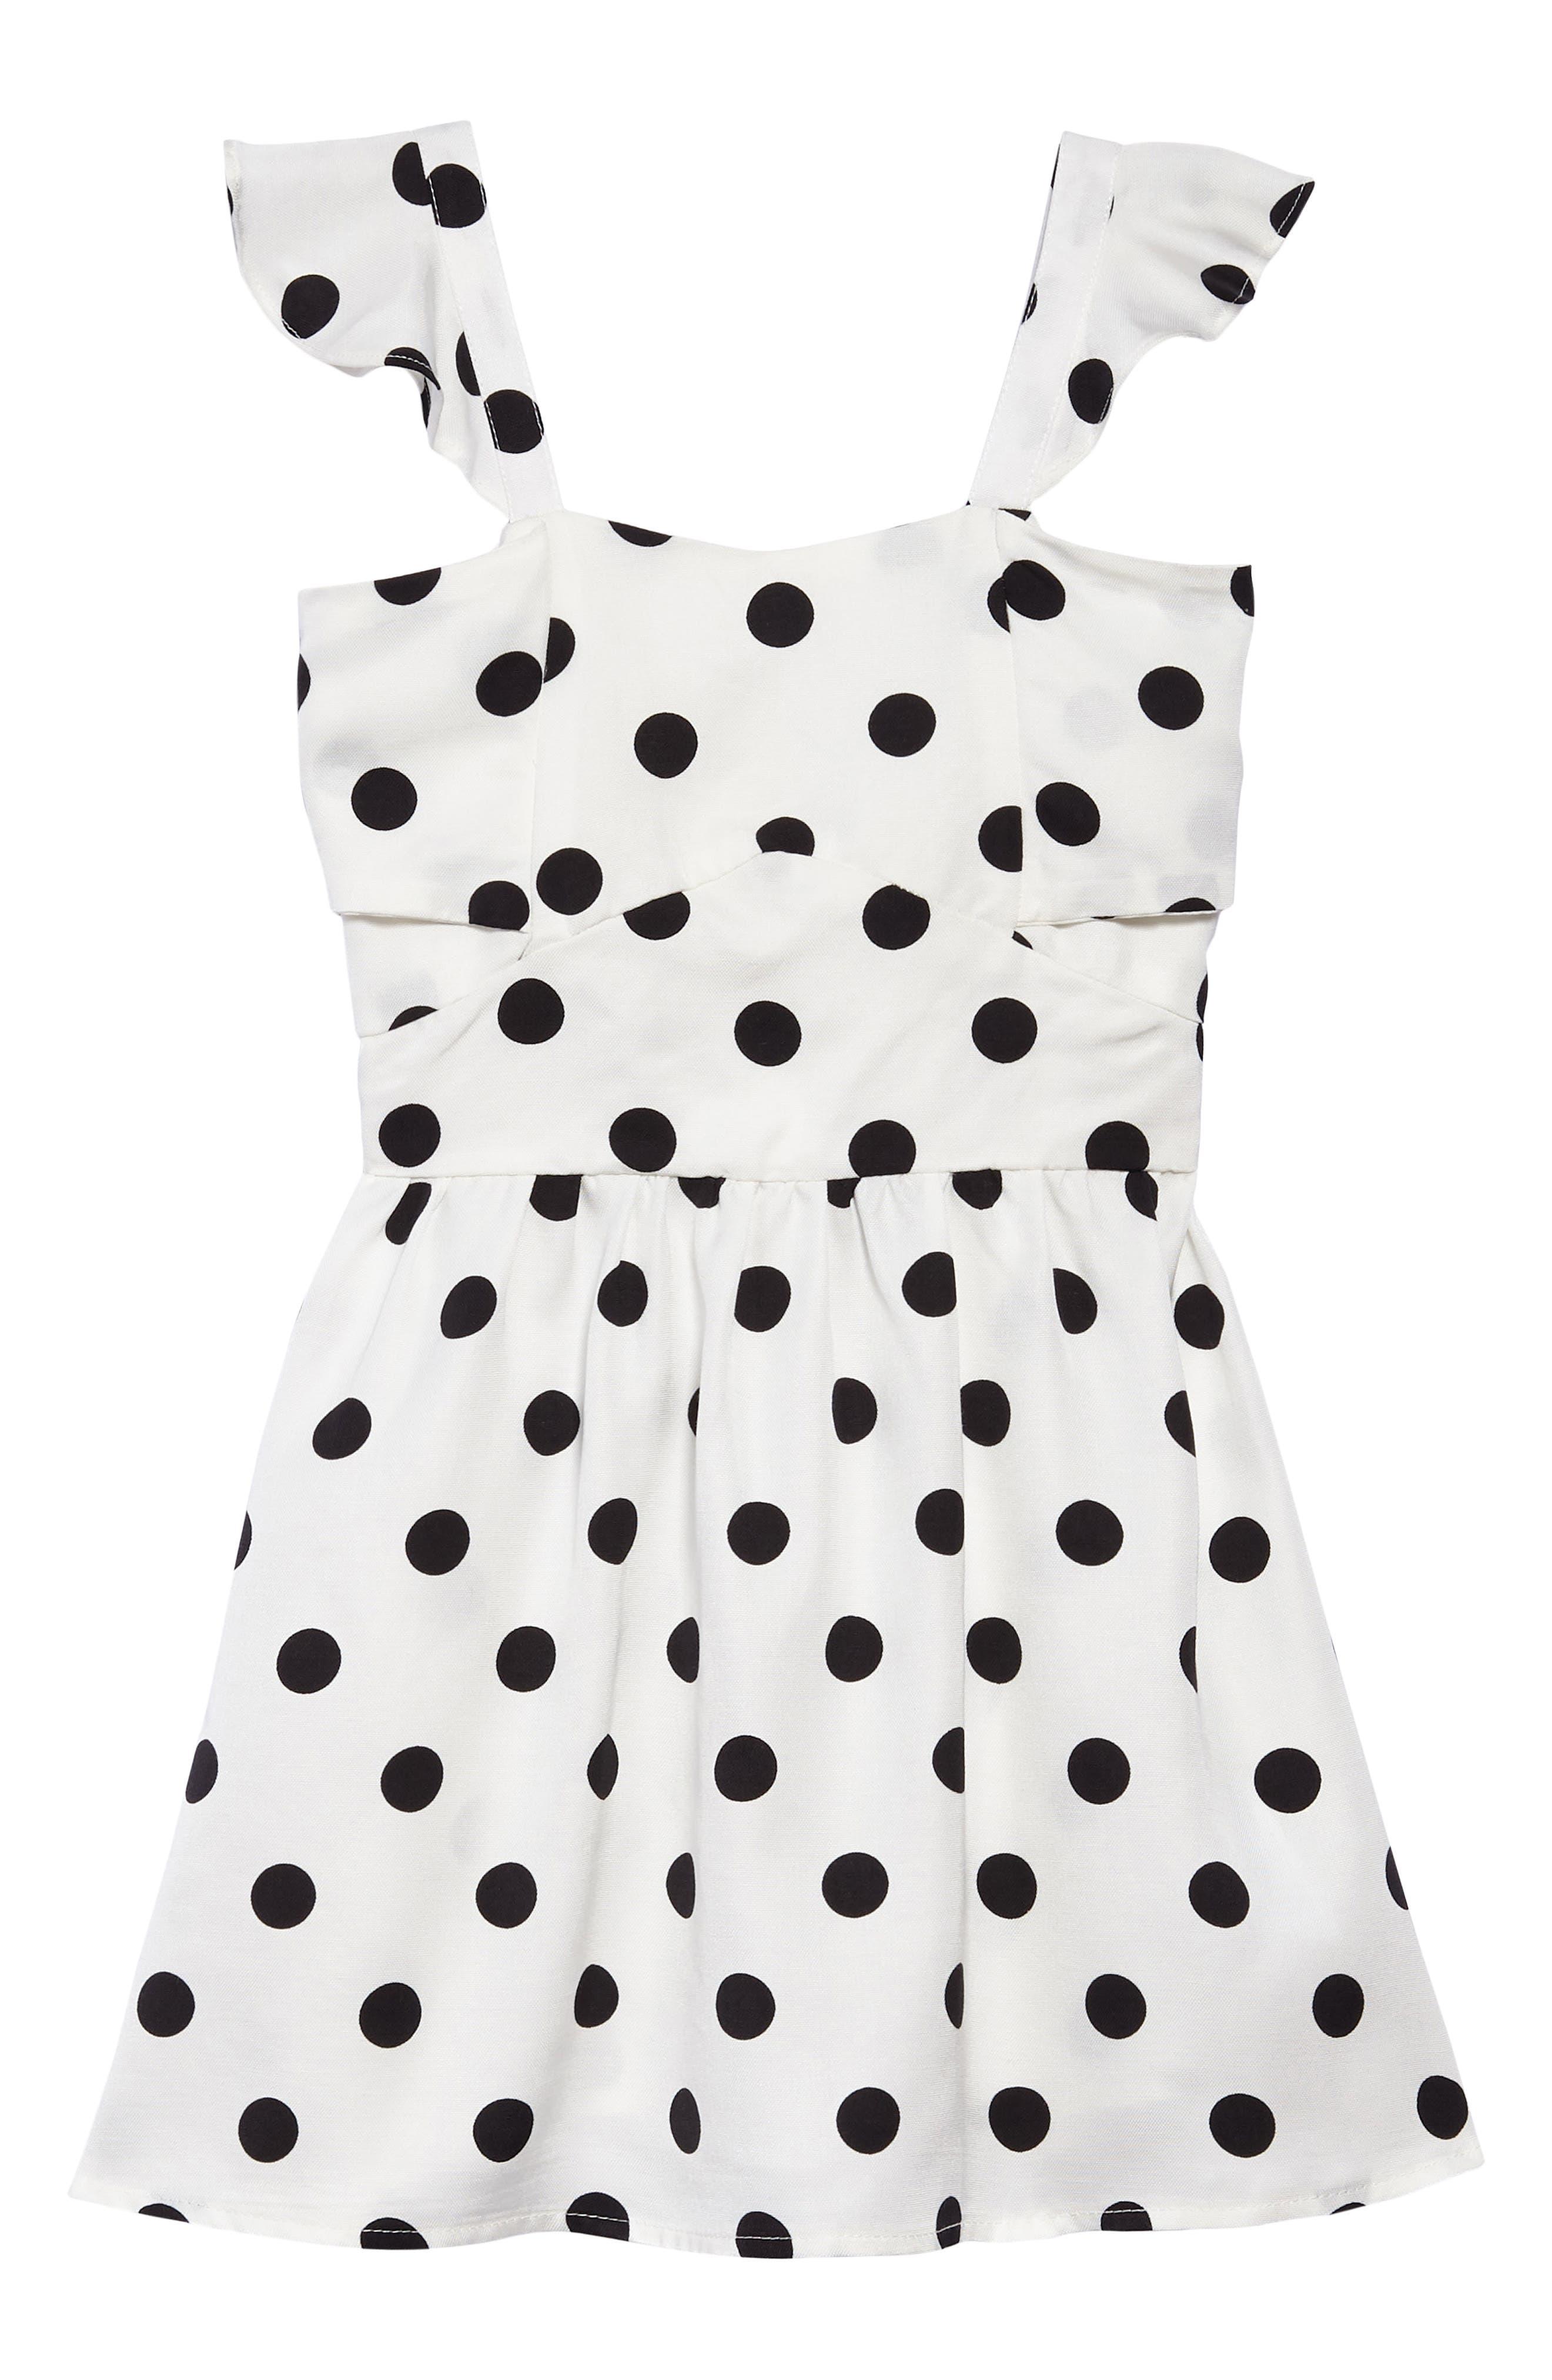 Main Image - Bardot Junior Polka Dot Dress (Toddler Girls & Little Girls)